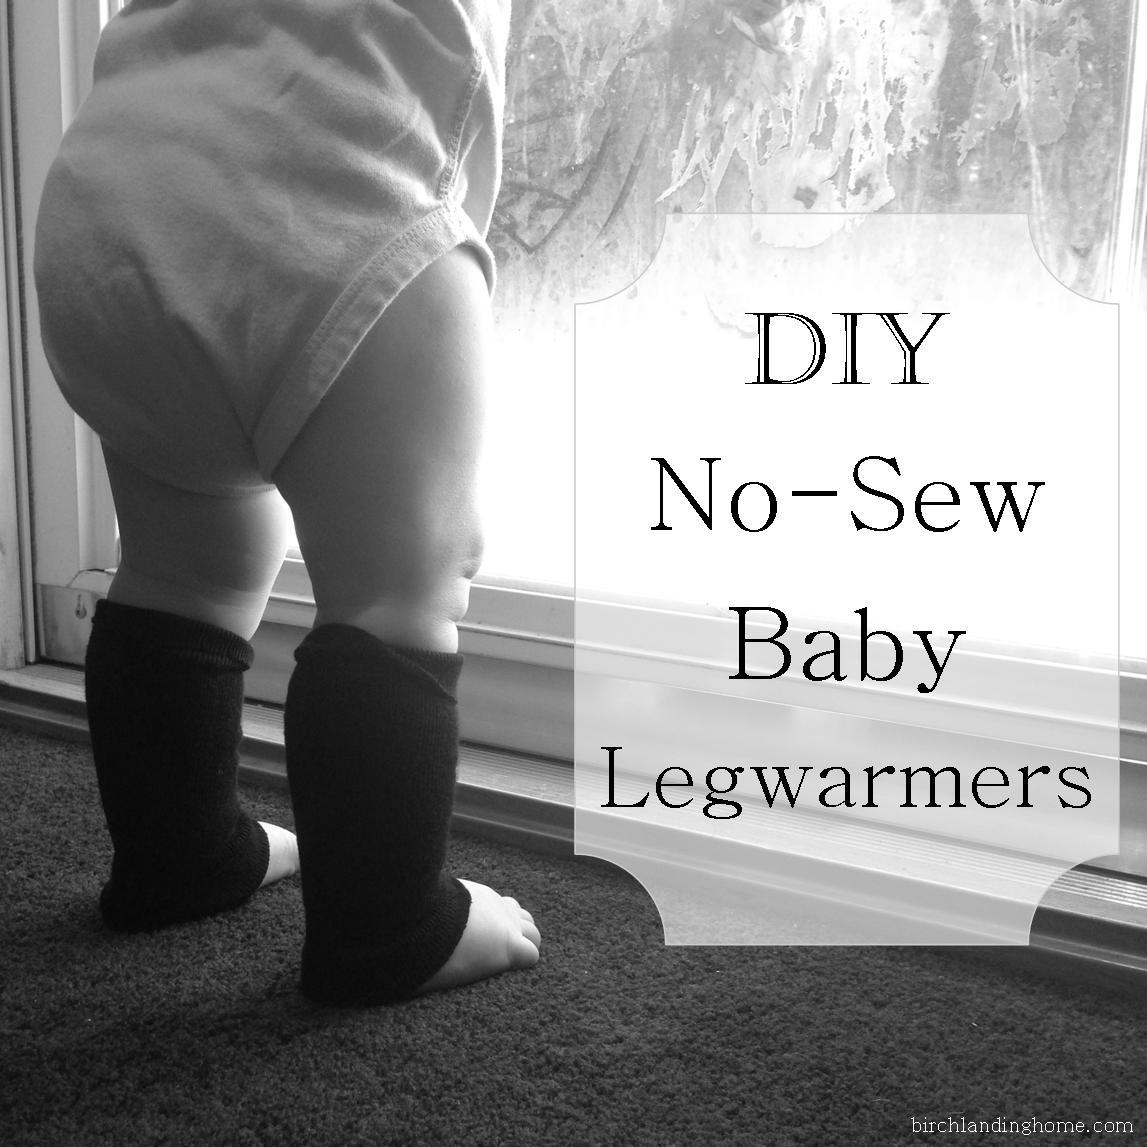 DIY No-Sew Baby Legwarmers